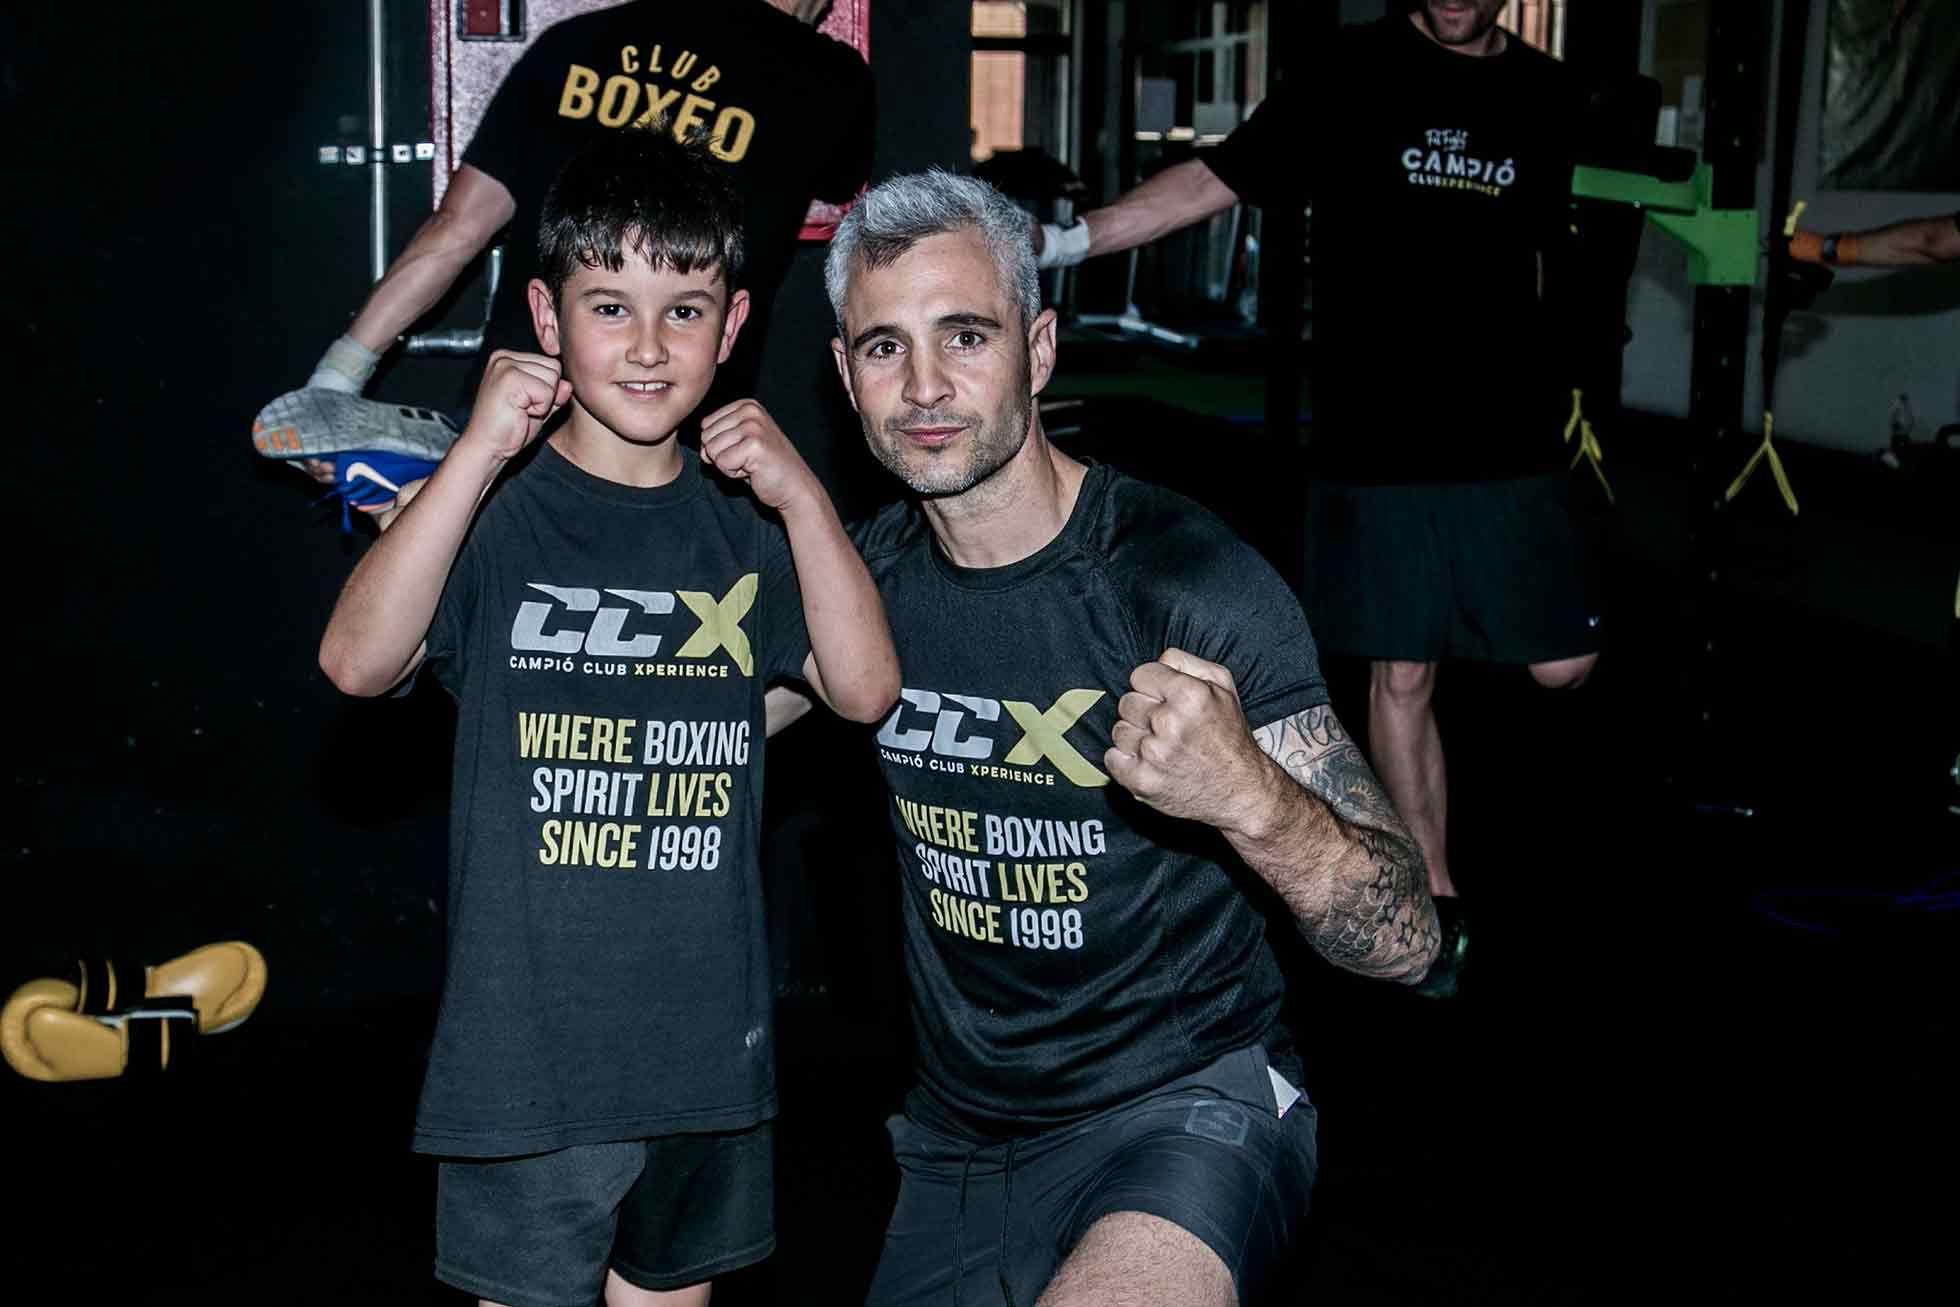 Foto de Oscar Biel y alumno de Campió Club